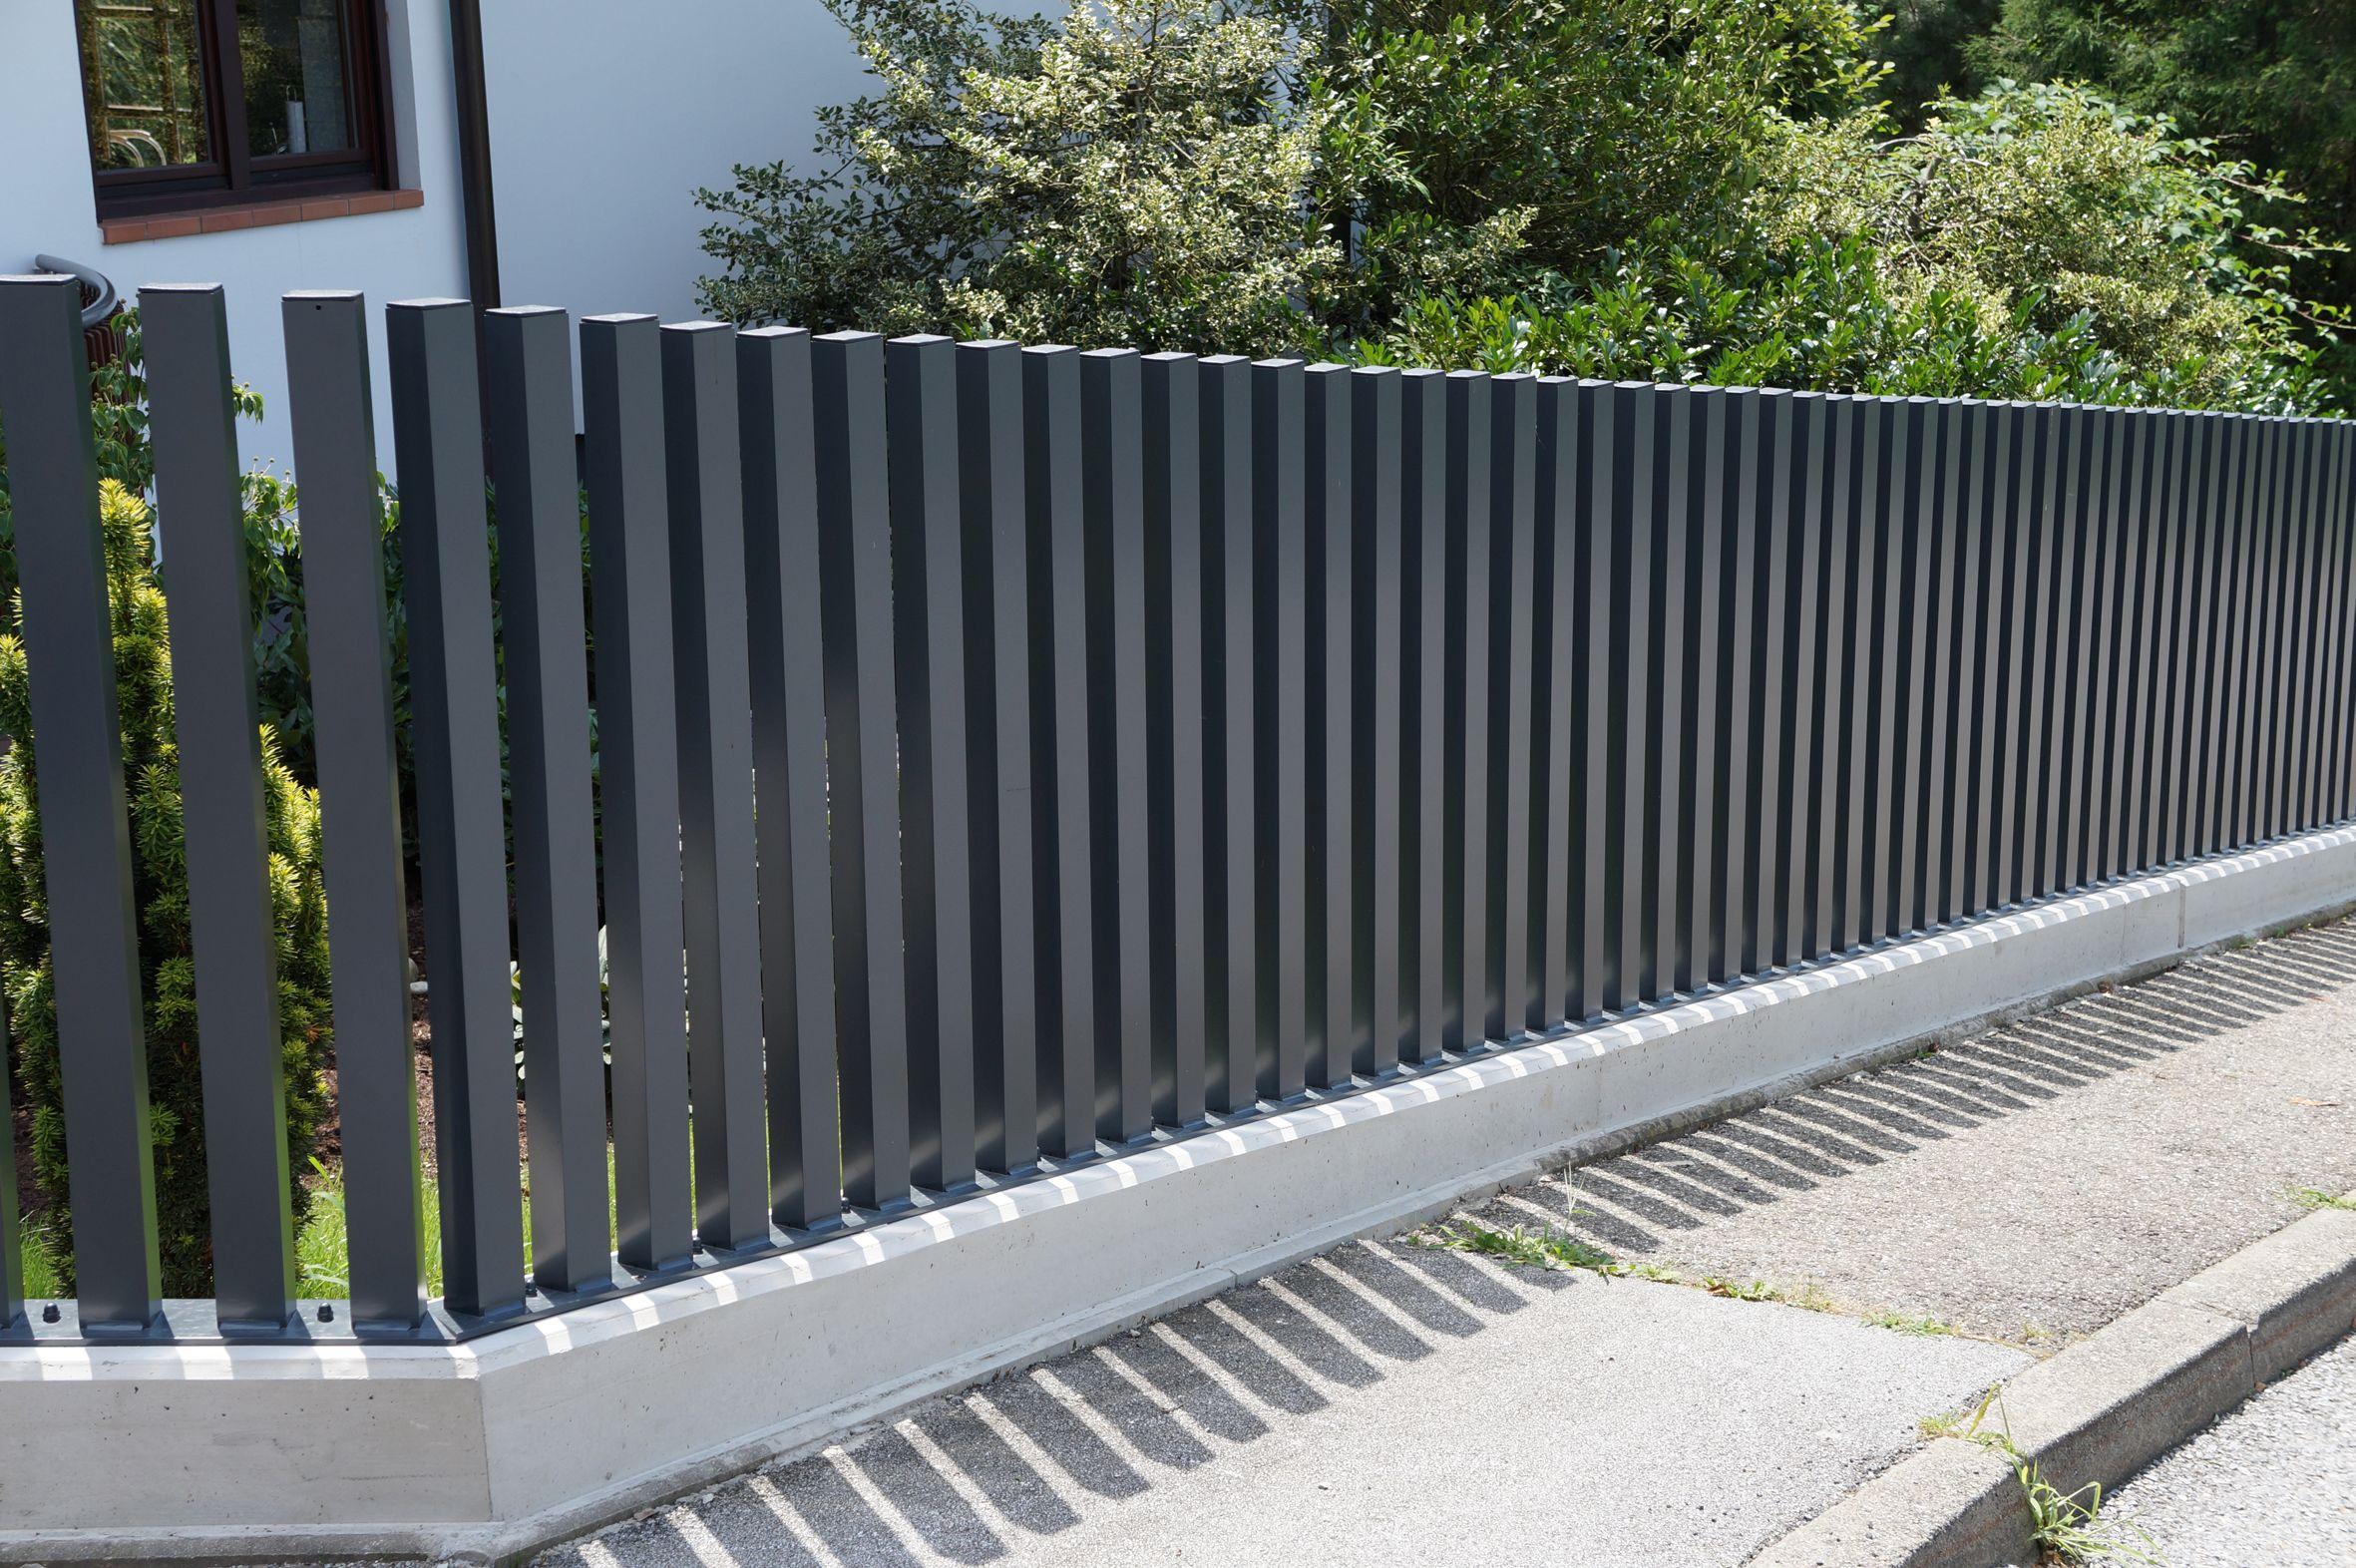 Ein Eleganter Zaun Mit Einem Au Ergewohnlichen Design Dieser Zaun Aus Aluminium Ist Ein Highlight Fur